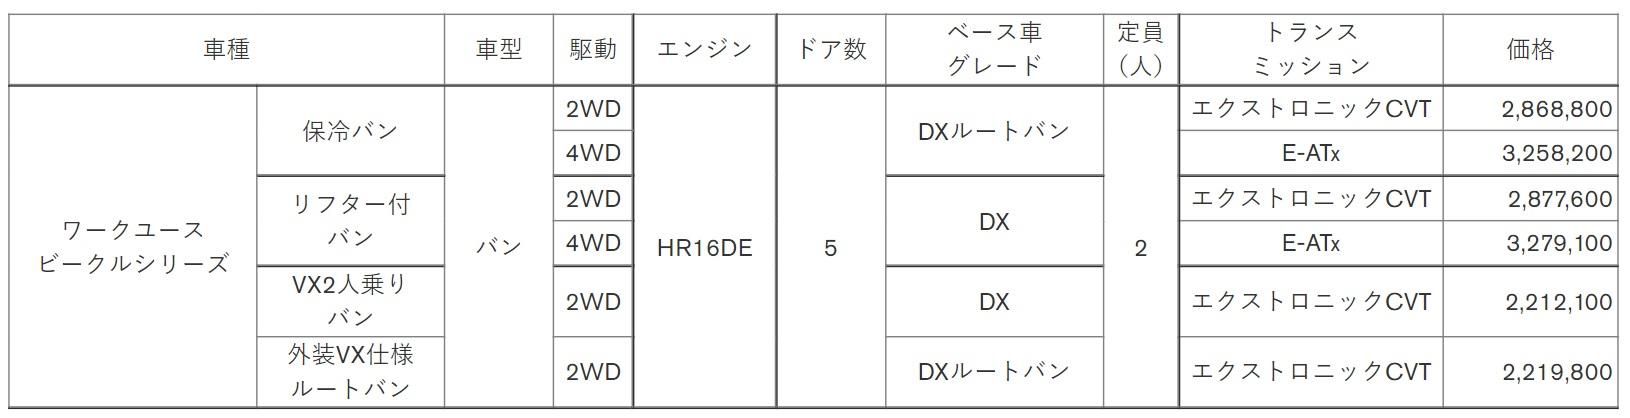 「ワークユースビークル」シリーズ価格表